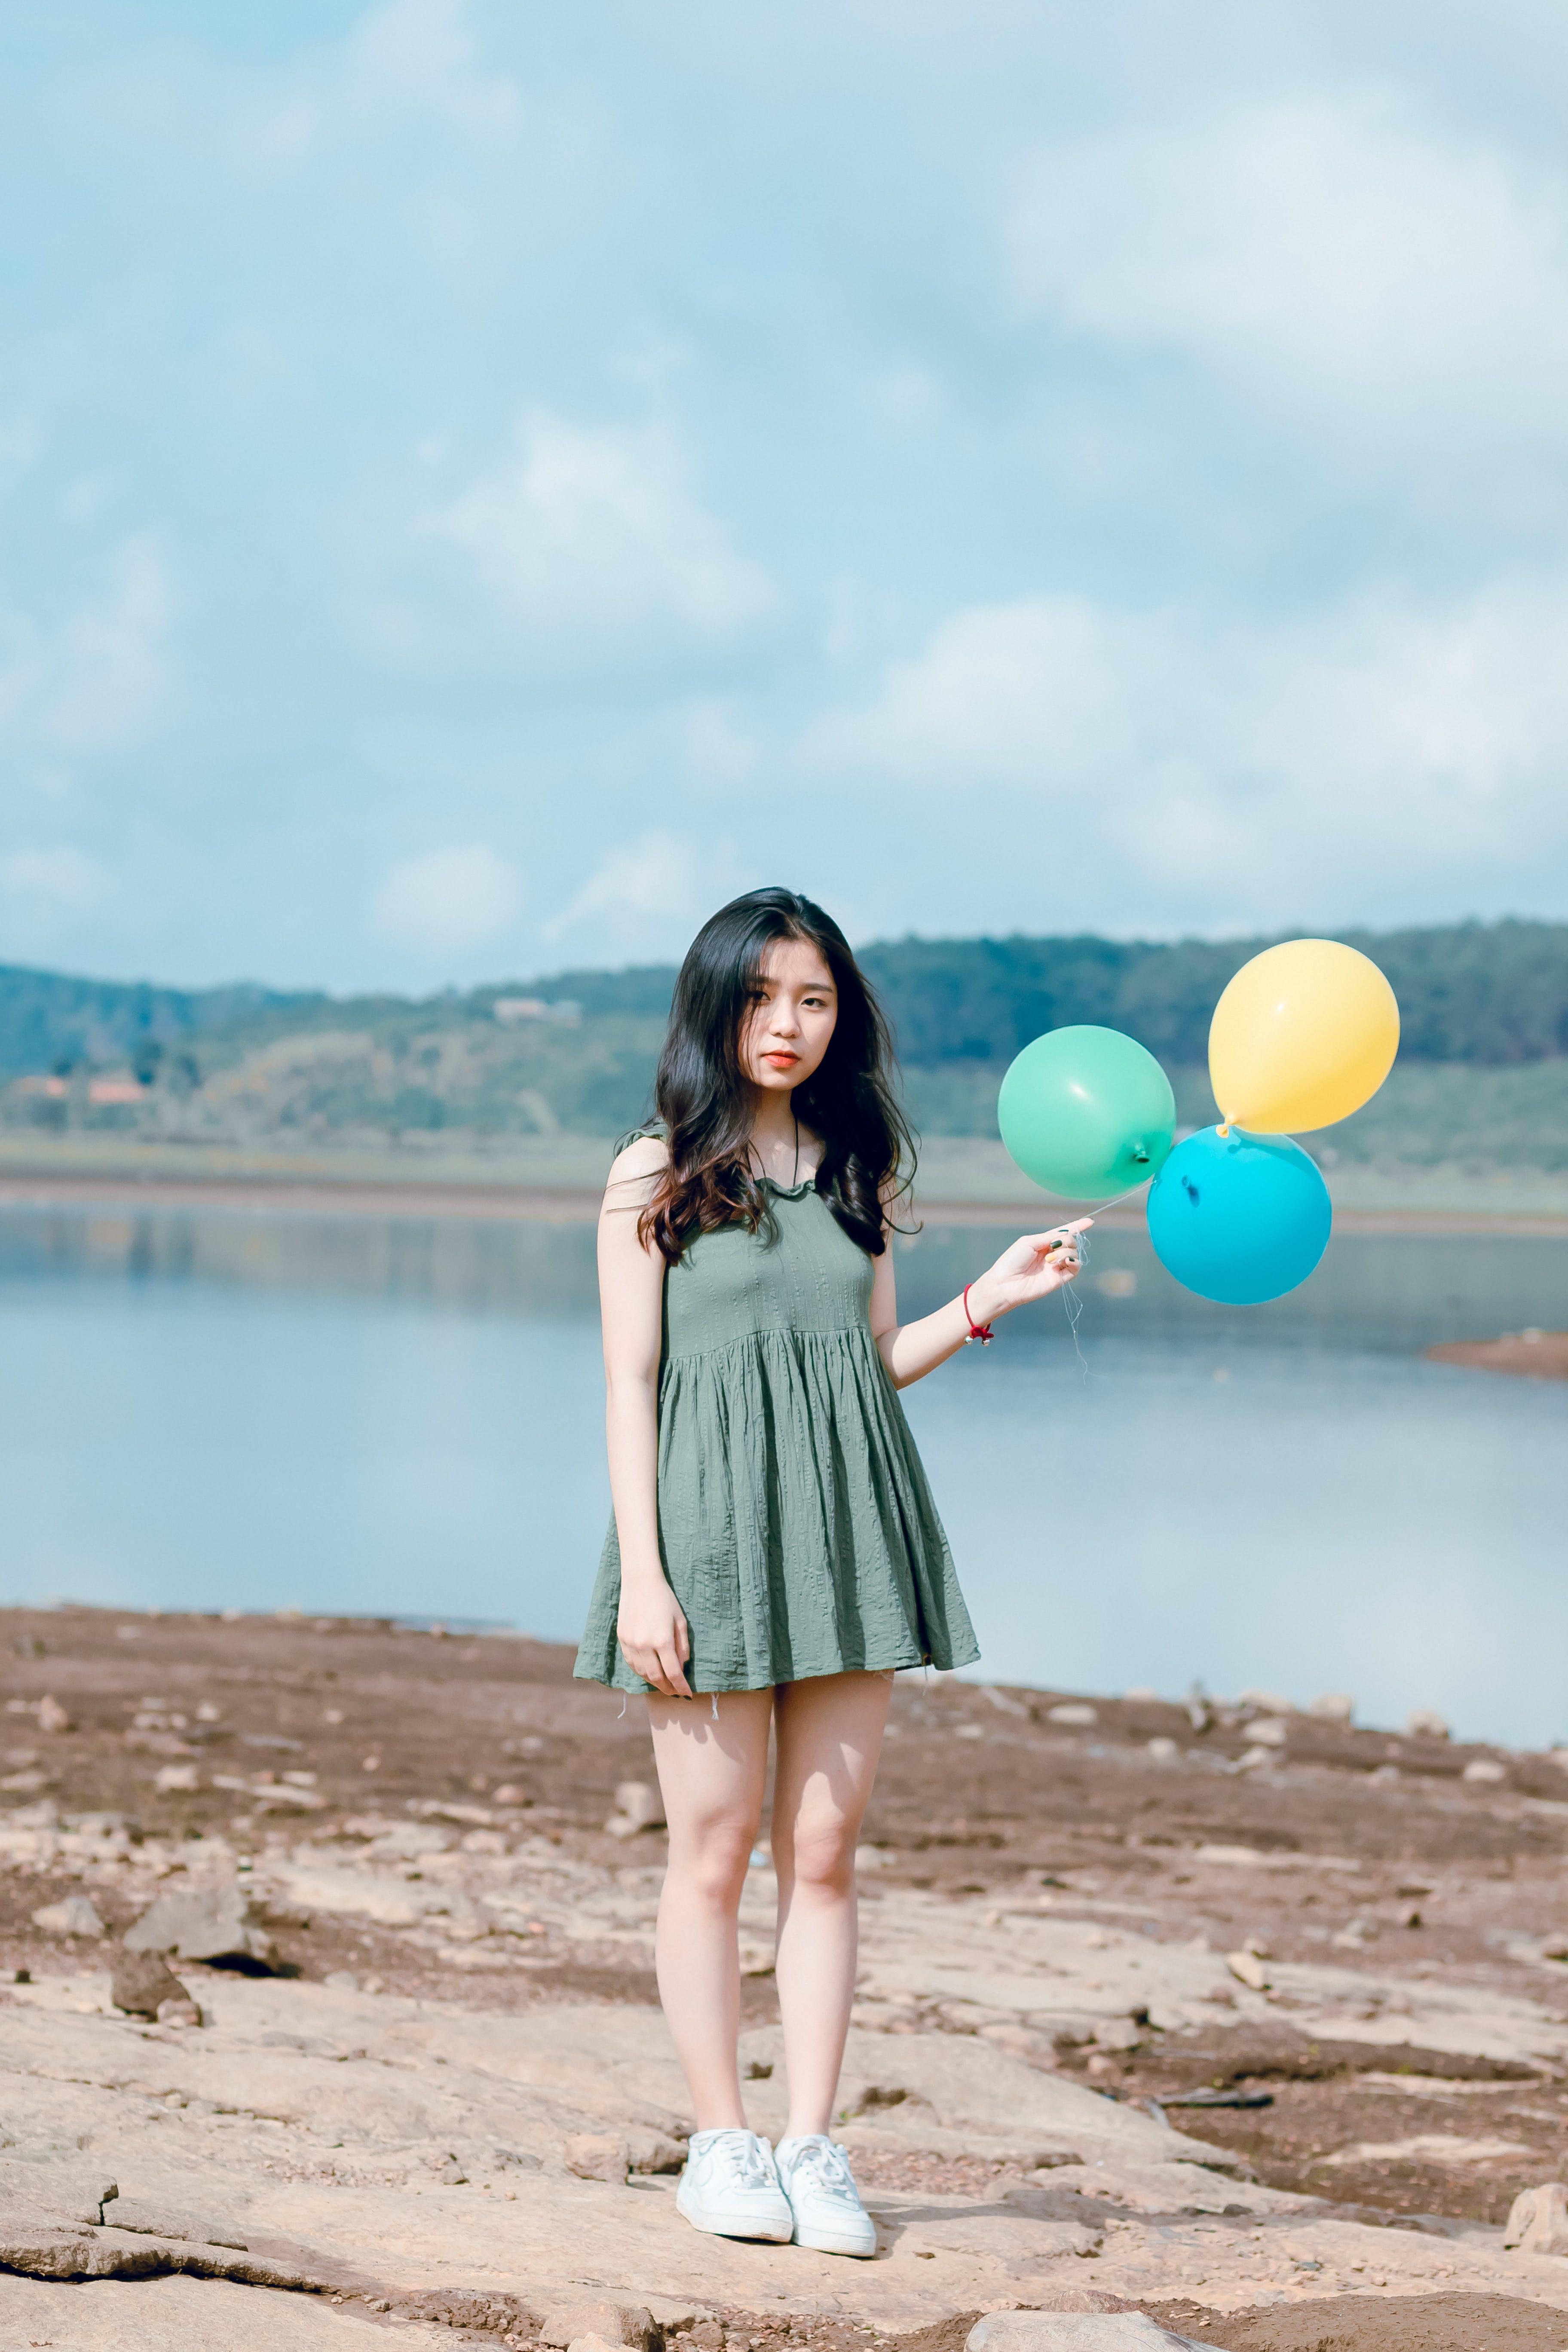 de alegria, atraente, balões, bonitinho